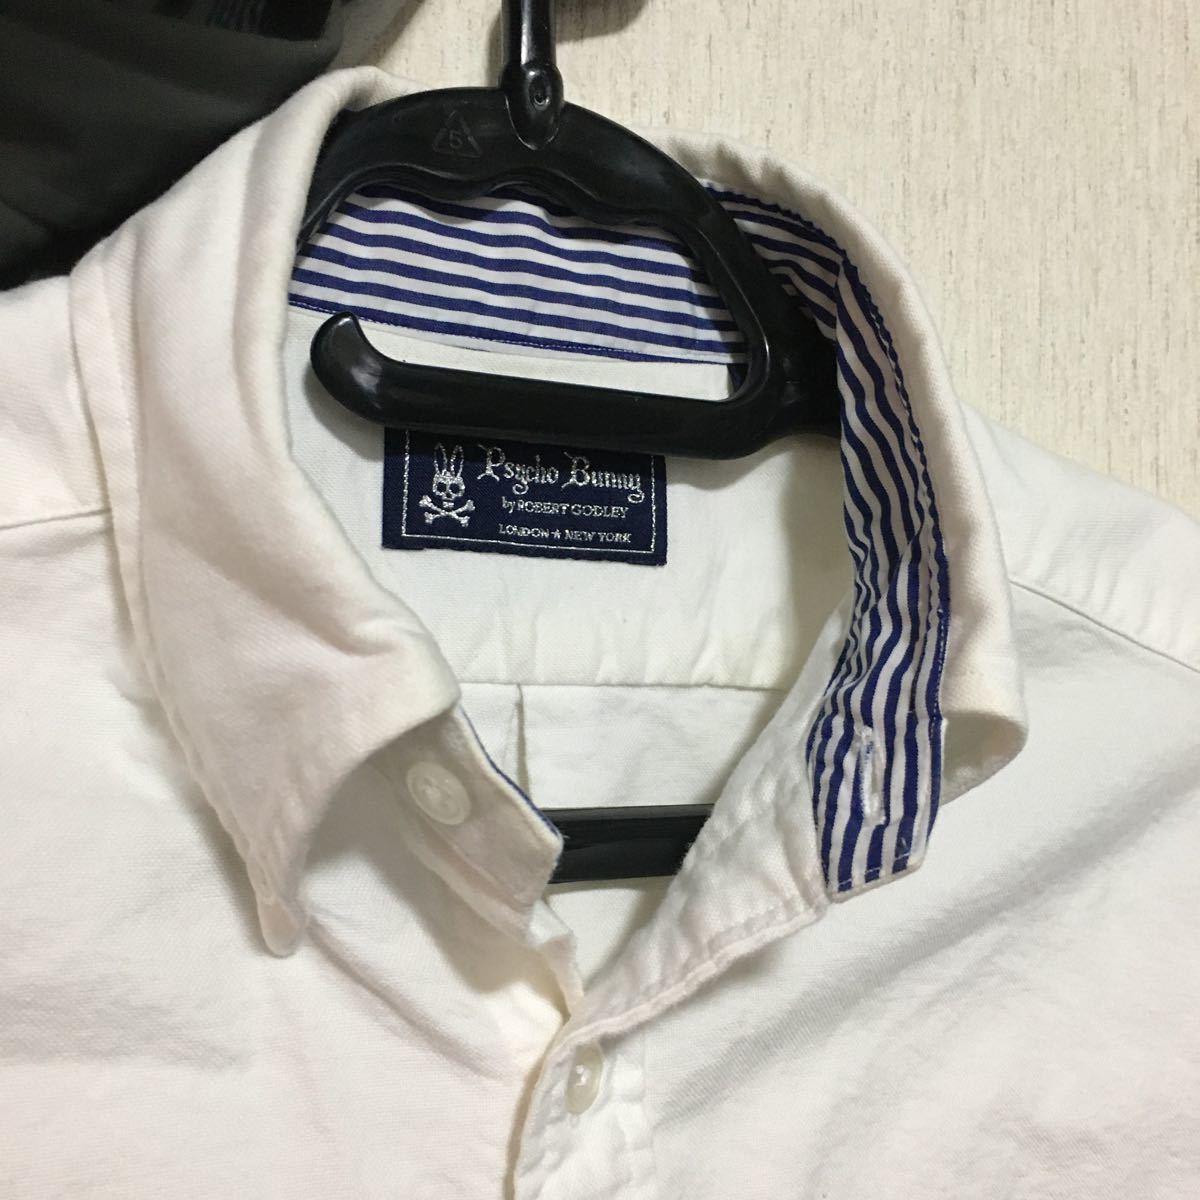 半袖 シャツ サイコバニー メンズ ゴルフウェア トップス ワイシャツ スカル